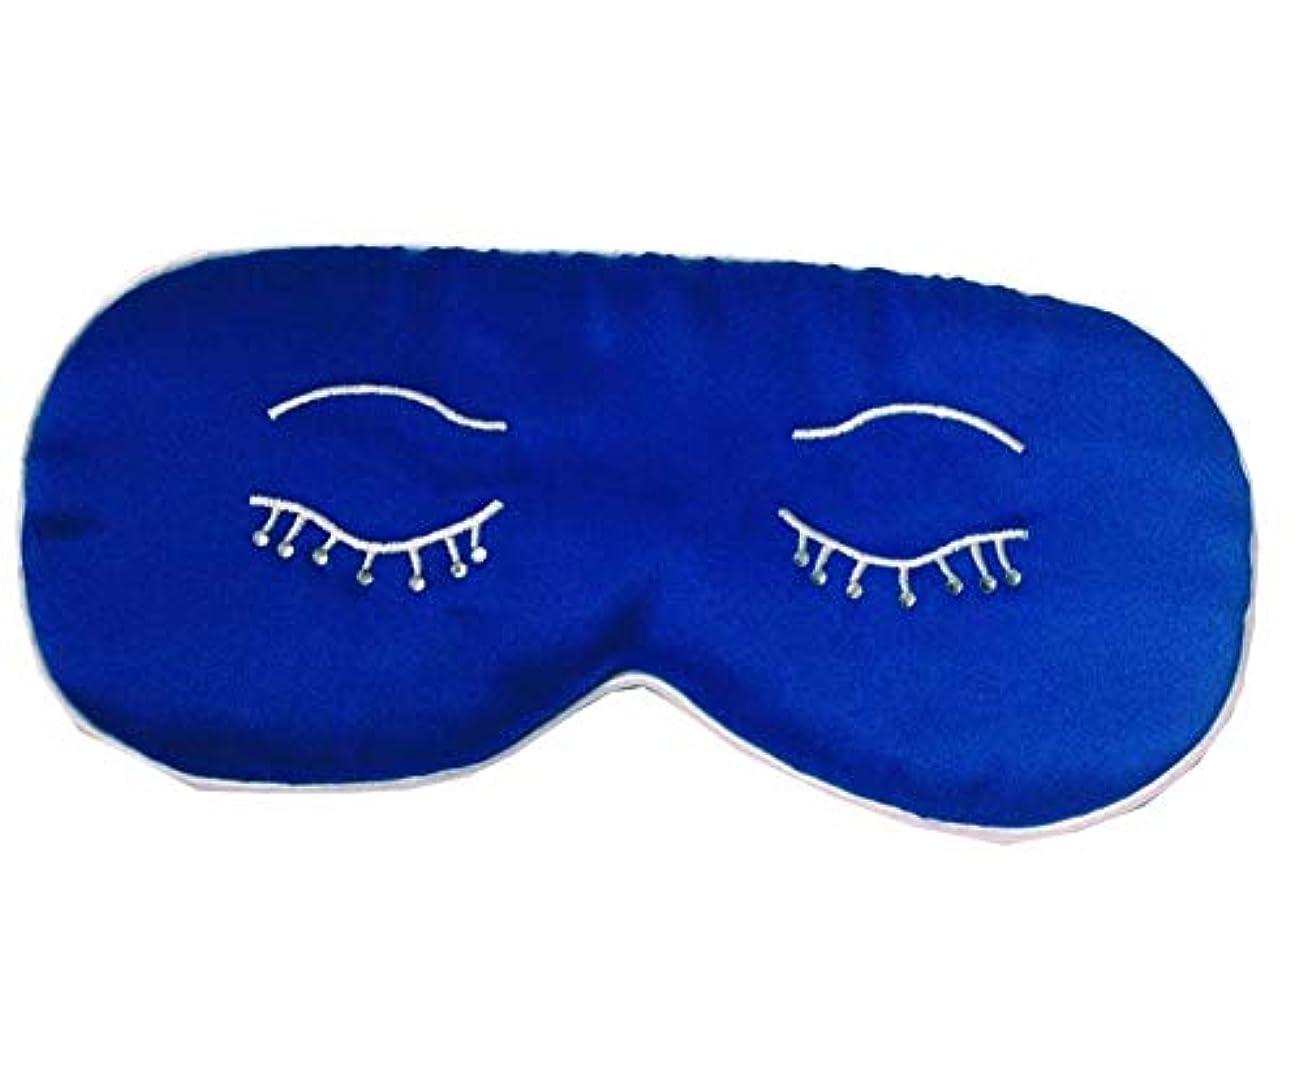 任命する意識的緩む両面シルクアイマスクラブリーパーソナリティアイシェードスリープアイマスク、青い目